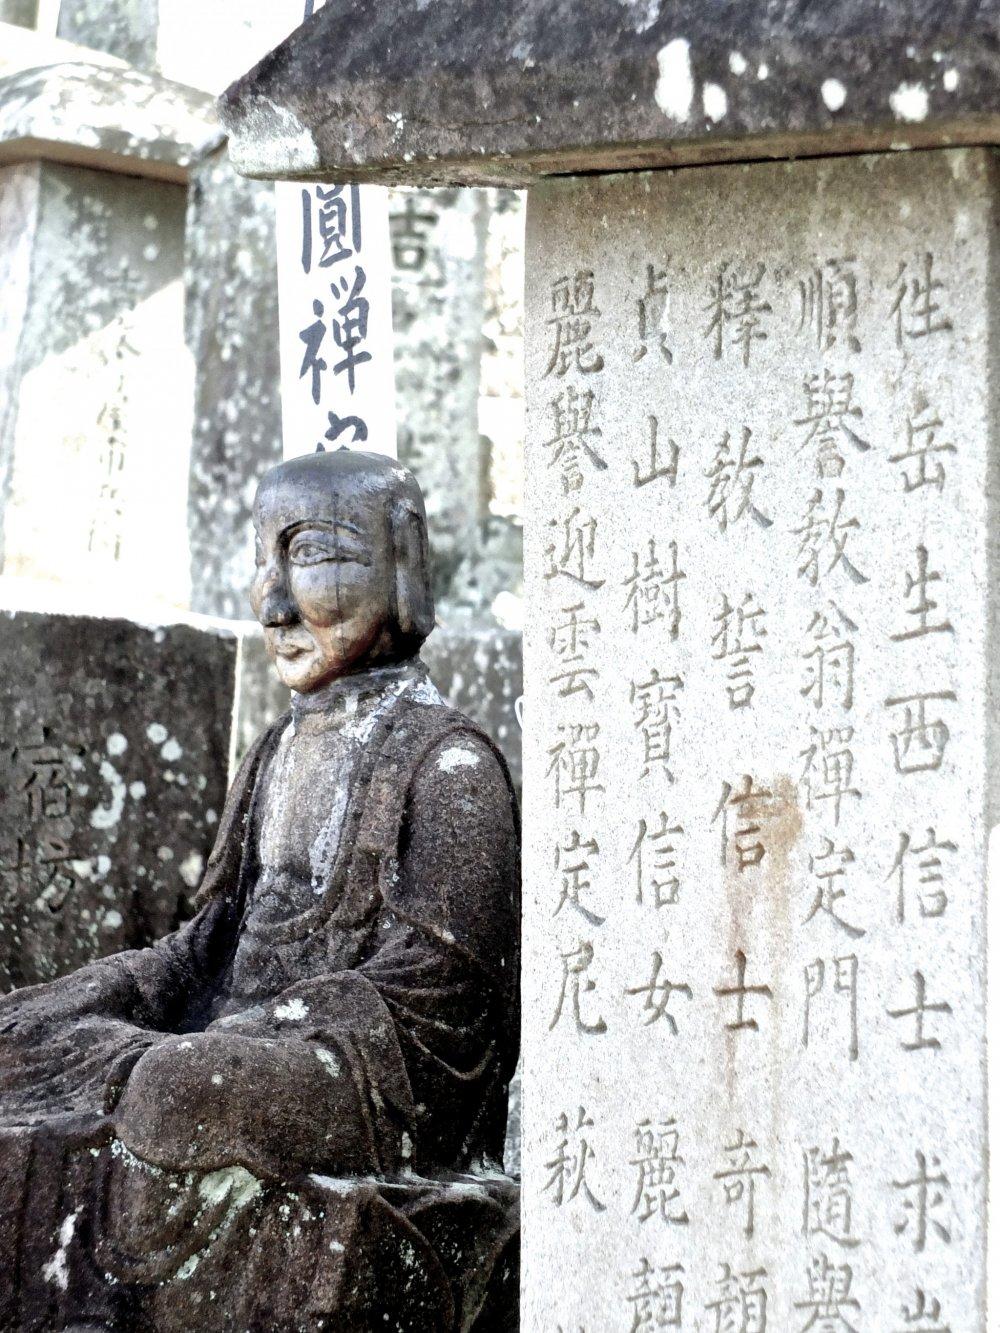 この仏像を見た瞬間、思わず息を呑んだ。おそらくこの仏像だけで50枚以上は写真を撮っただろう